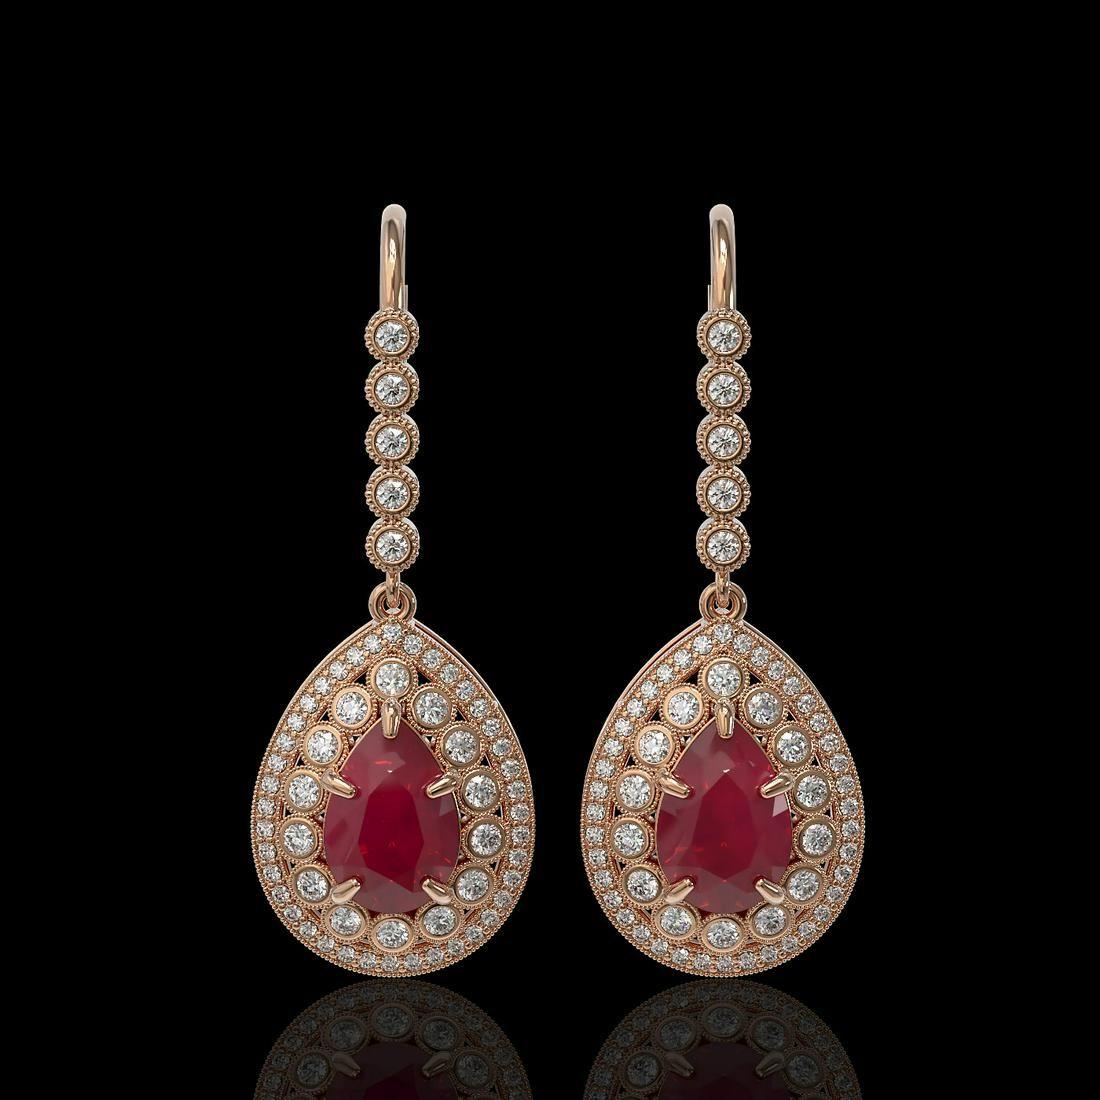 10.15 ctw Certified Ruby & Diamond Victorian Earrings